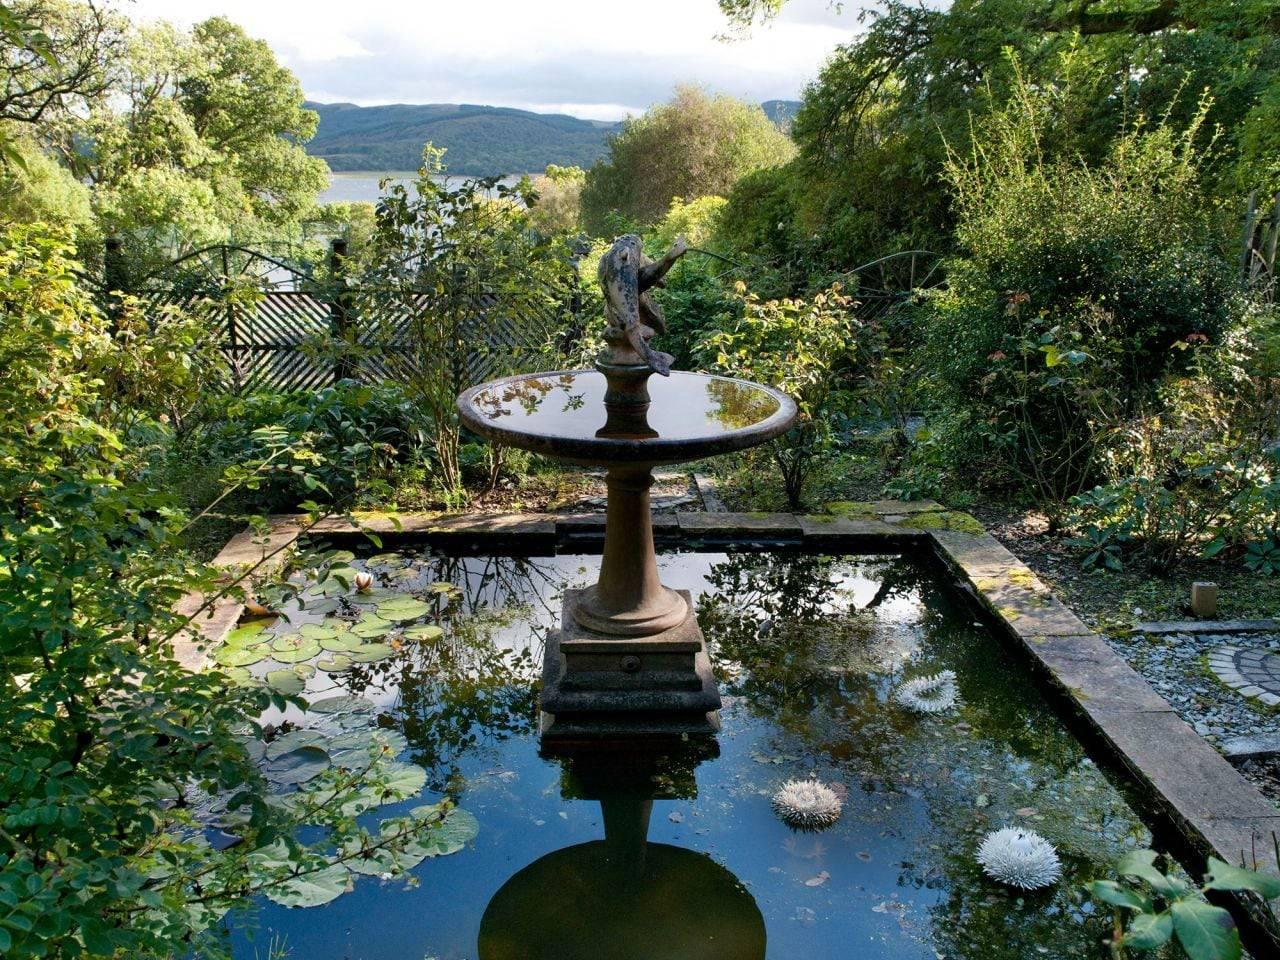 Thiết kế vườn xanh Nhật Bản với hồ nước